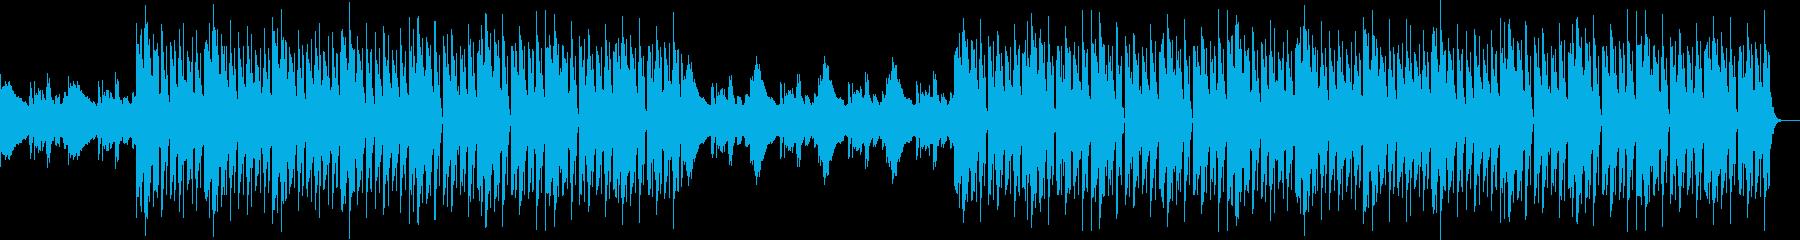 おしゃれYouTube、爽やか軽快ハウスの再生済みの波形